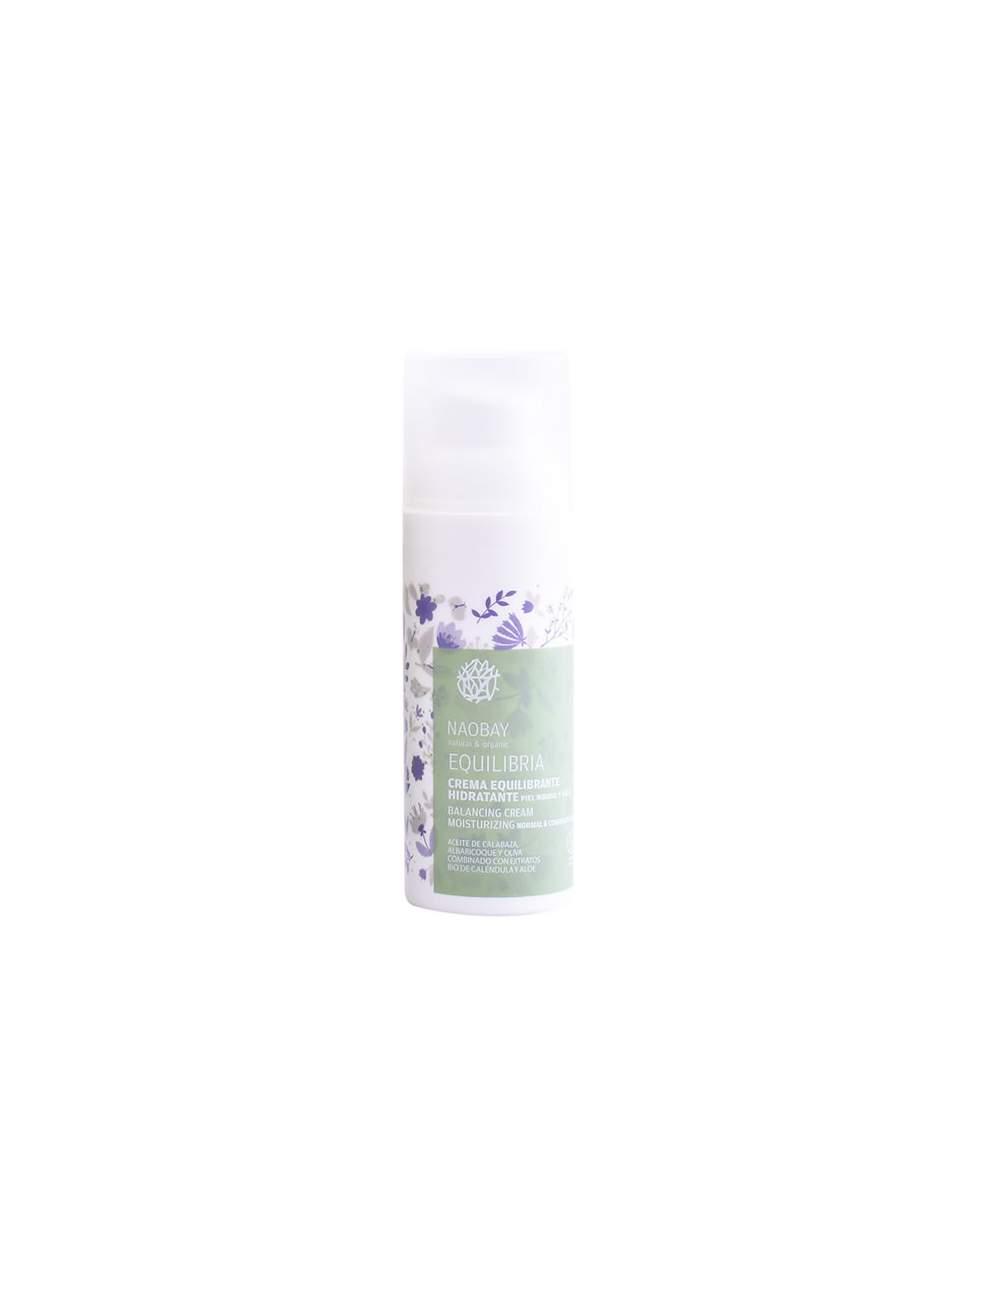 Crema Facial Ecológica Equilibria. Naobay